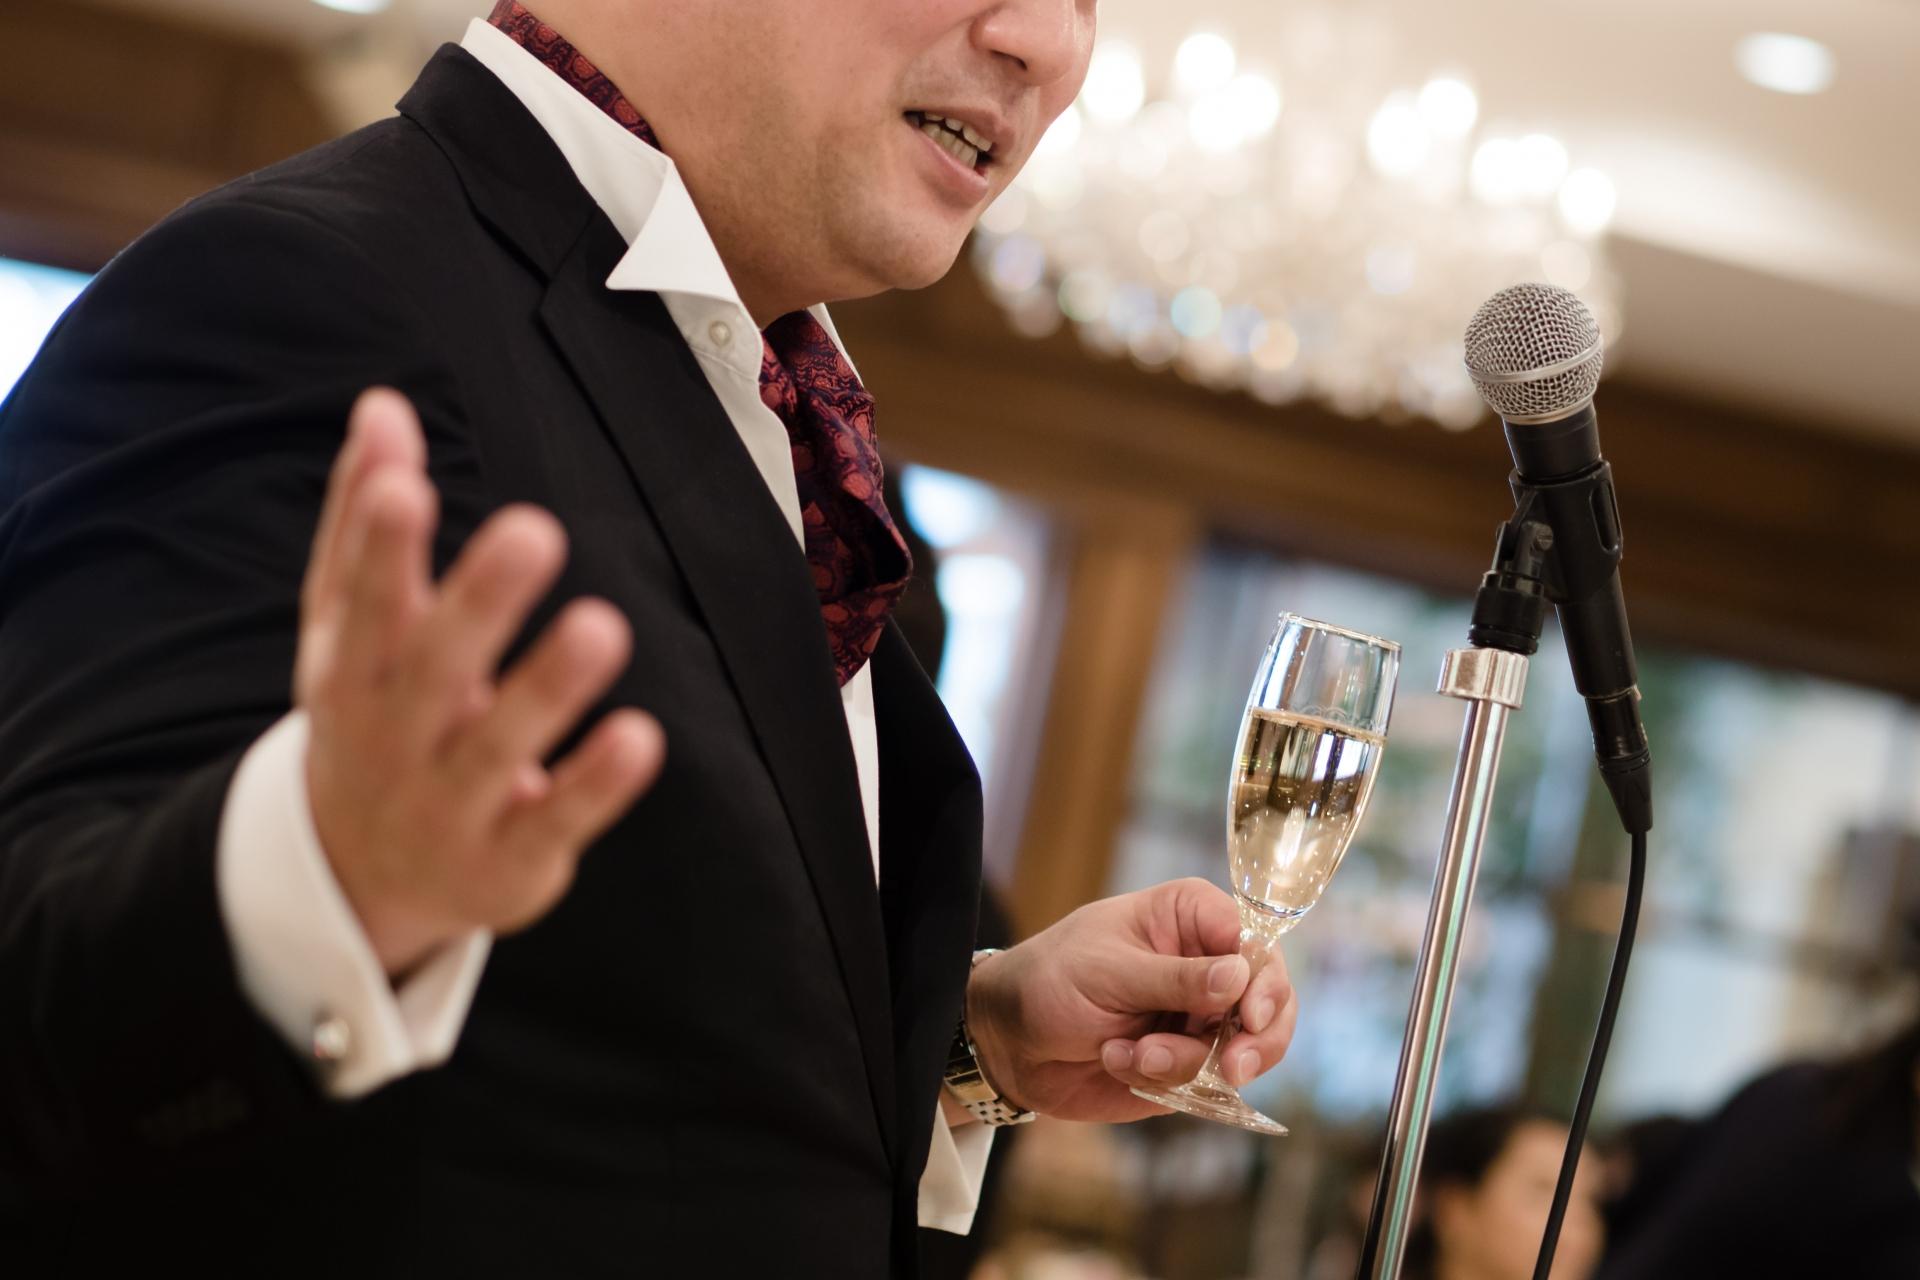 【男性・女性別】結婚式披露宴の主賓の服装やマナー